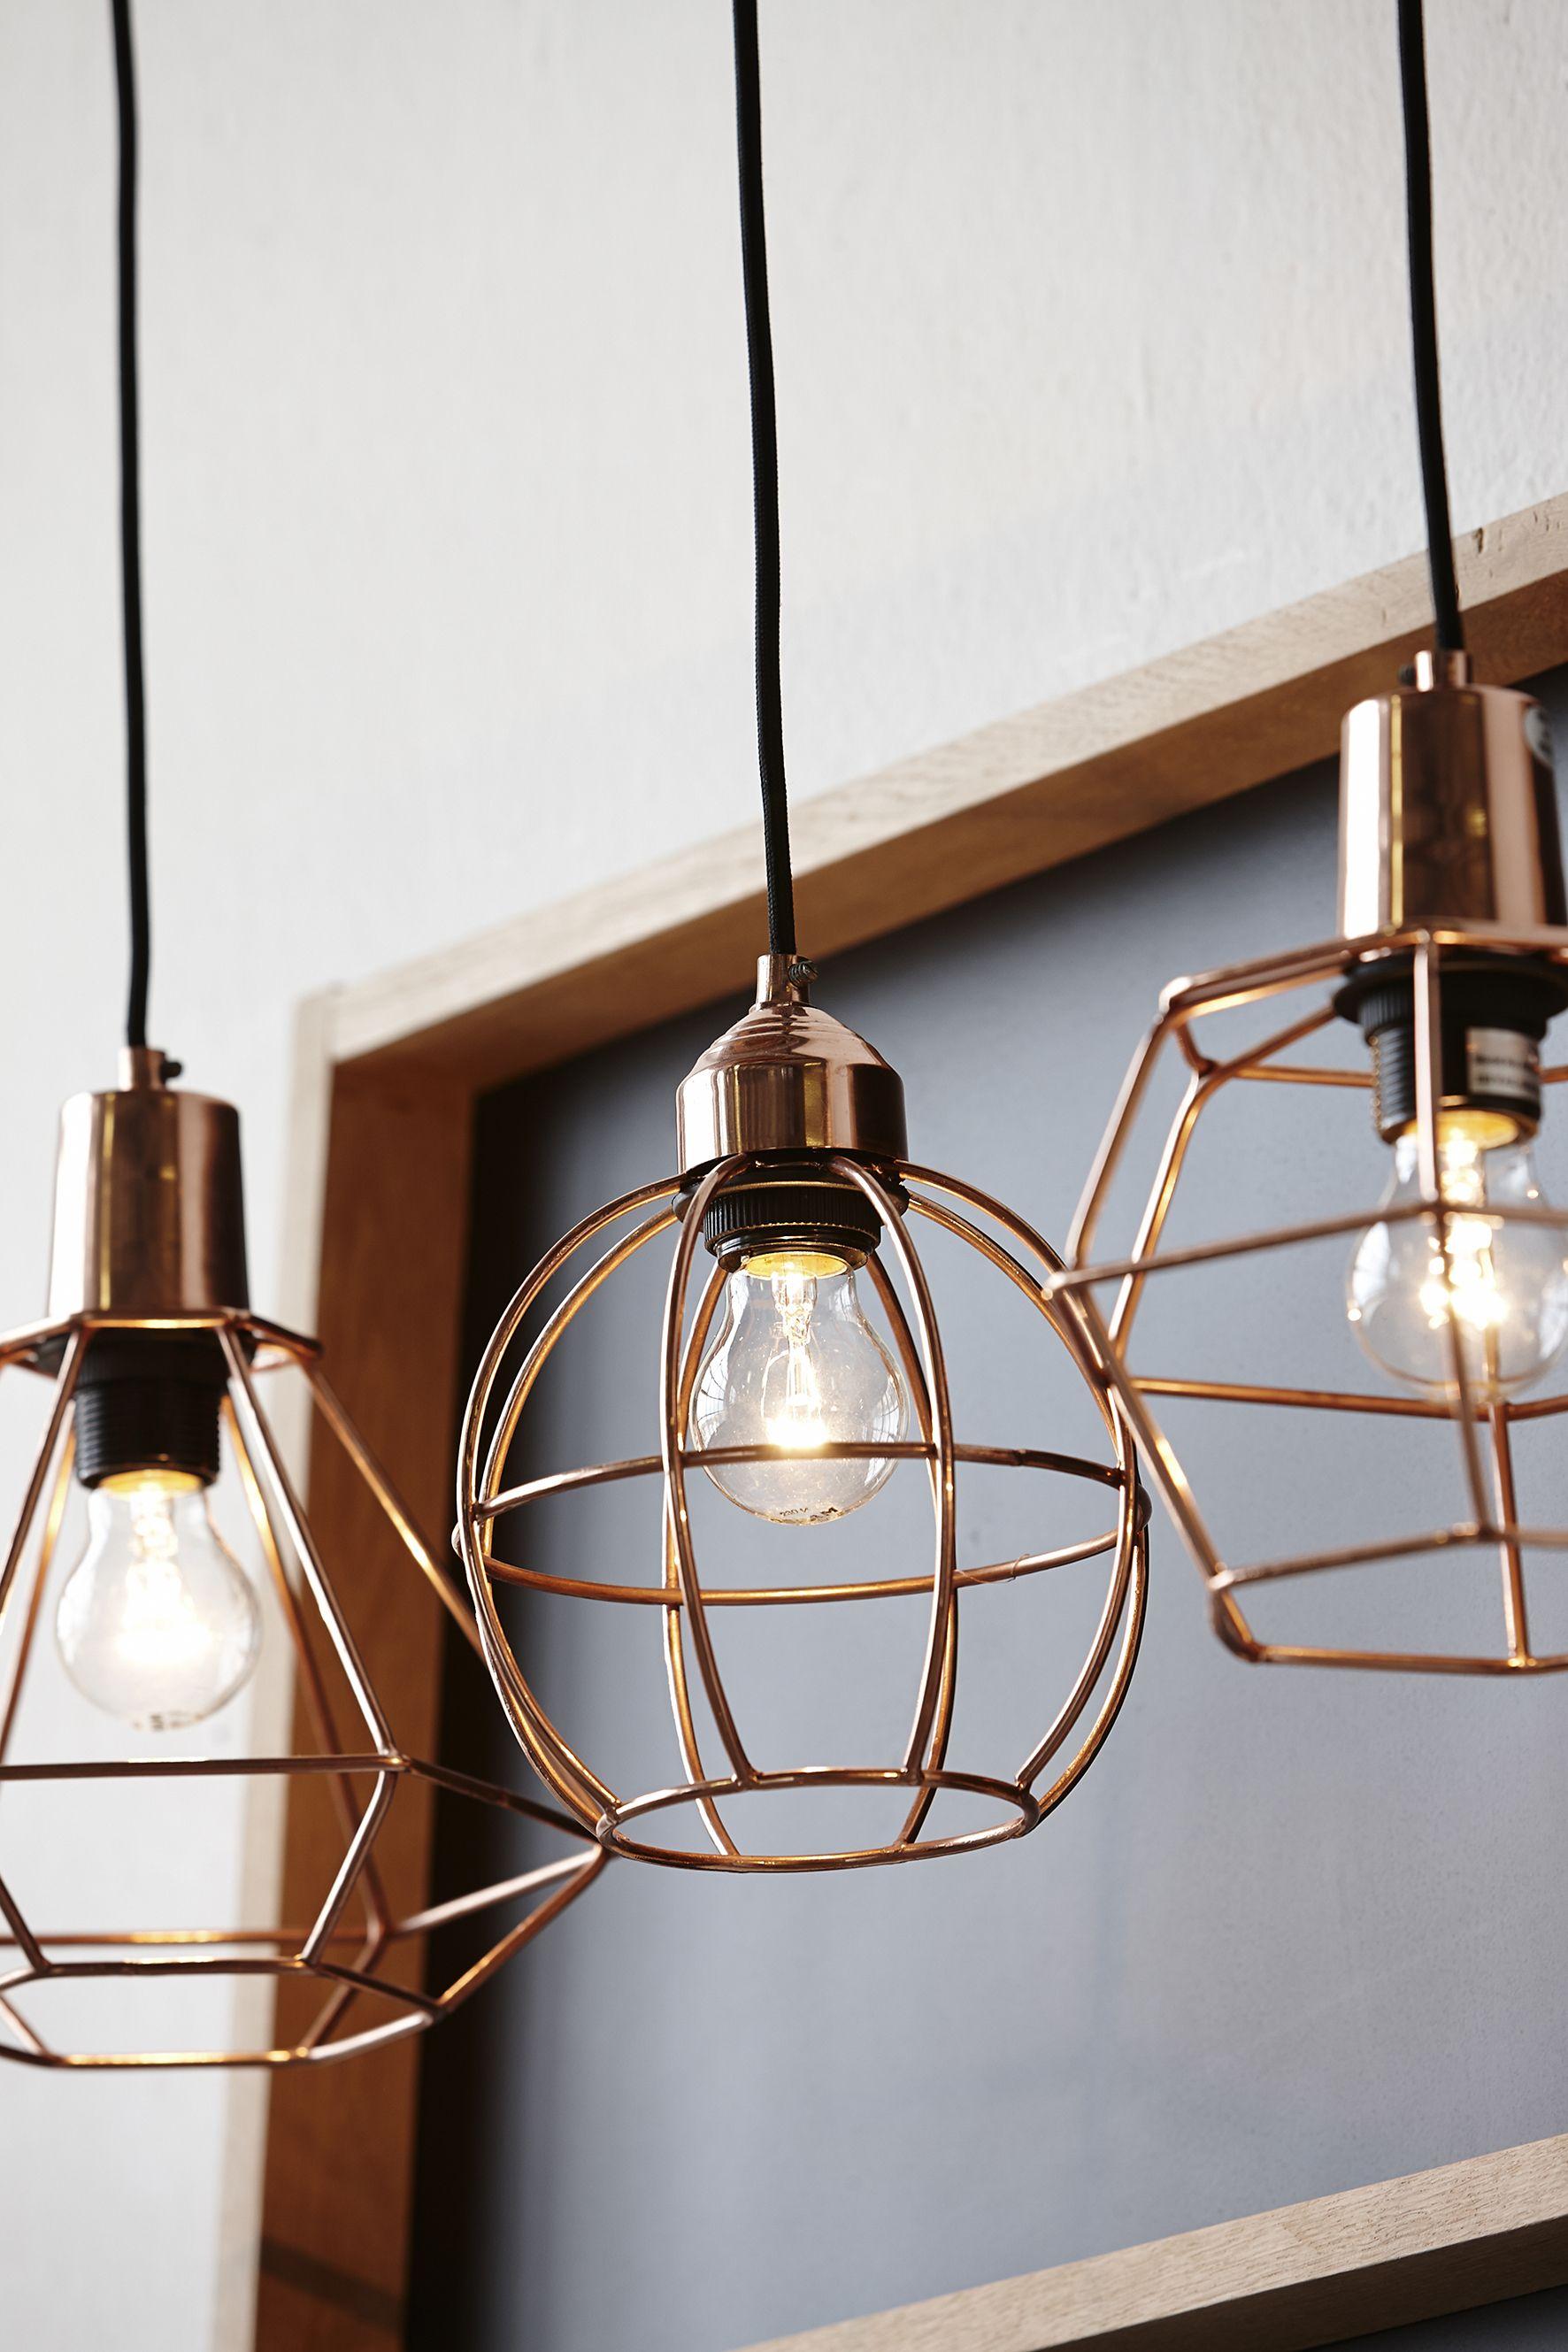 wohnzimmer lampe industrie : Kupferlampen Mit Metallkorb Mit Schwarzer Fassung Und Schwarzem